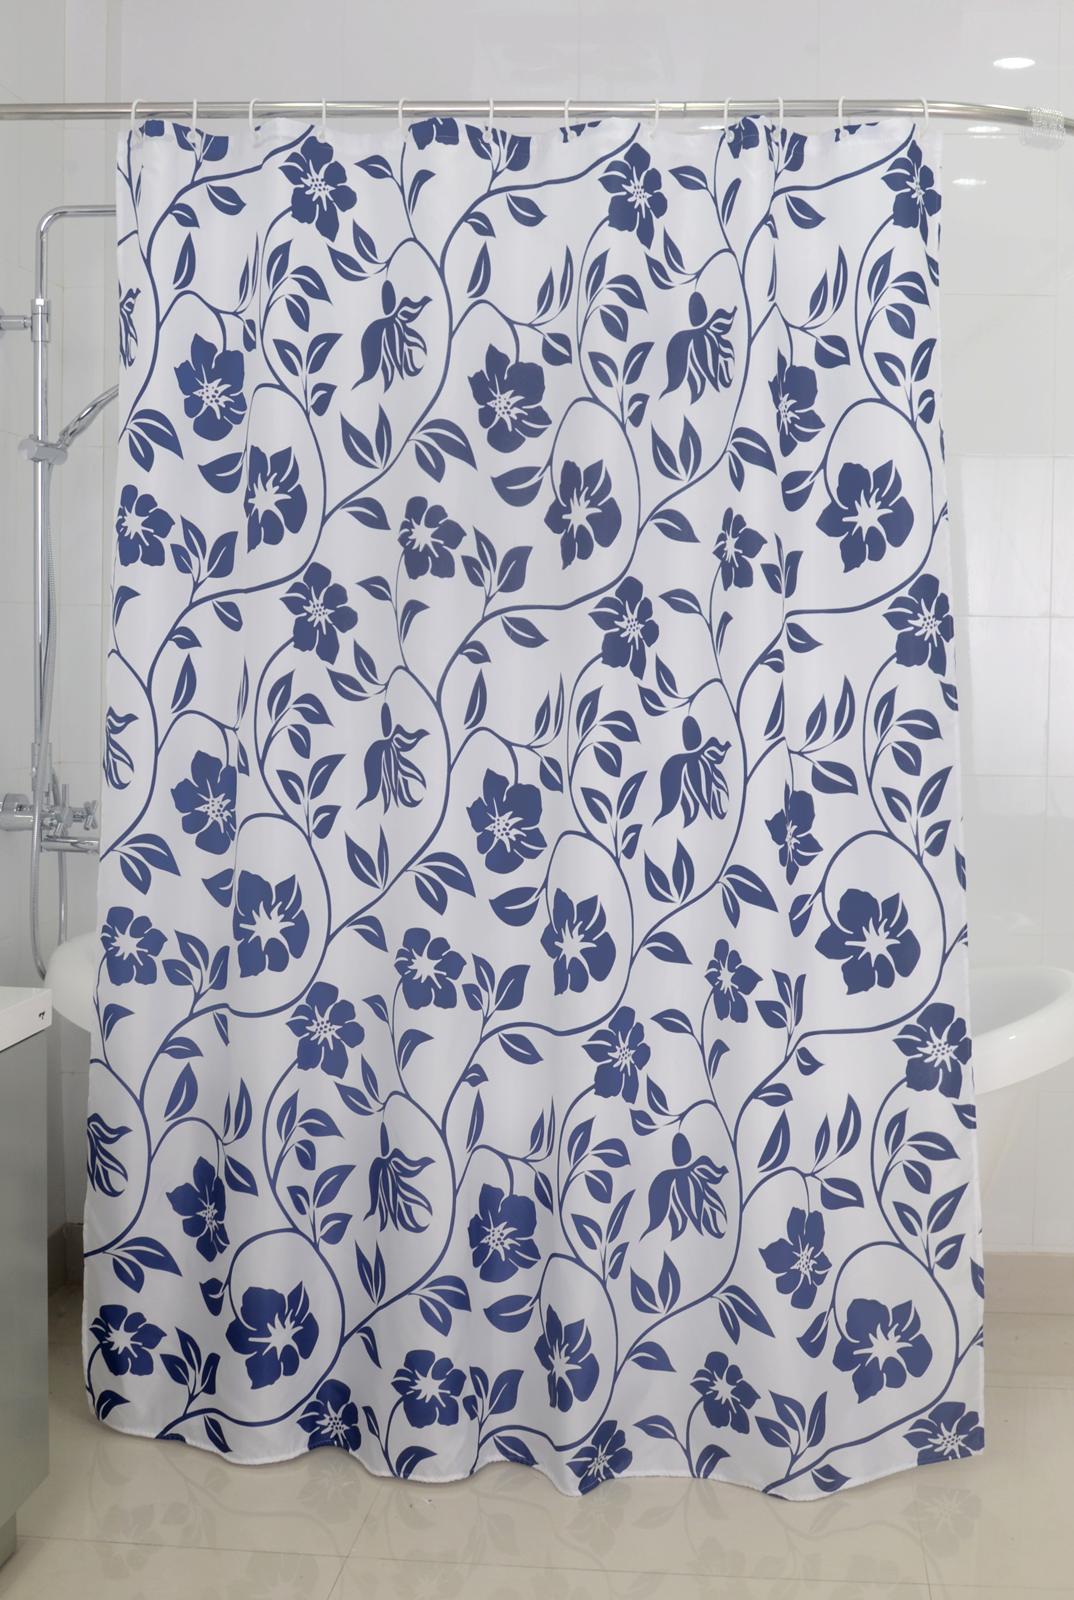 Badtextilien - Textil Duschvorhang Badewannenvorhang Vorhang 180x200 incl. 12 Ringe 568100 Flower  - Onlineshop PremiumShop321